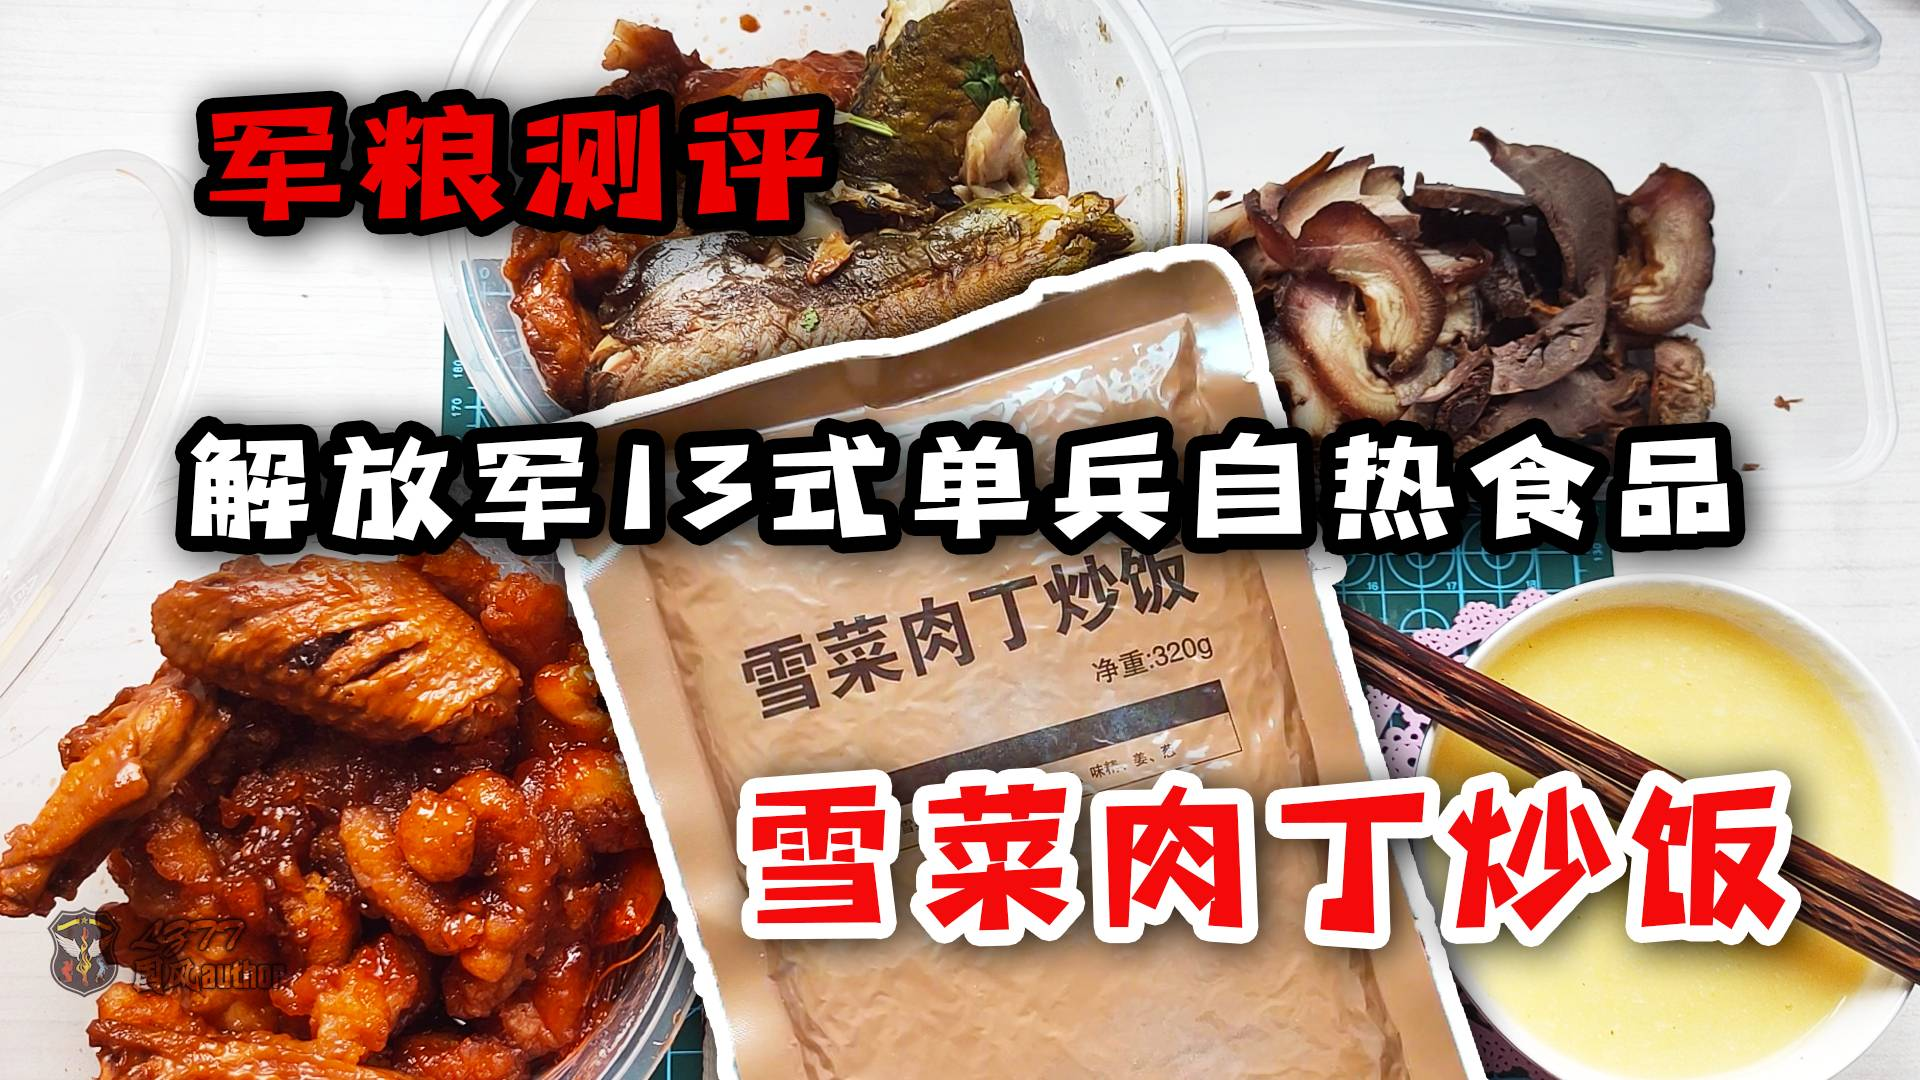 【军粮测评】解放军13单兵自热食品餐谱2,雪菜肉丁炒饭试吃![vlog109]